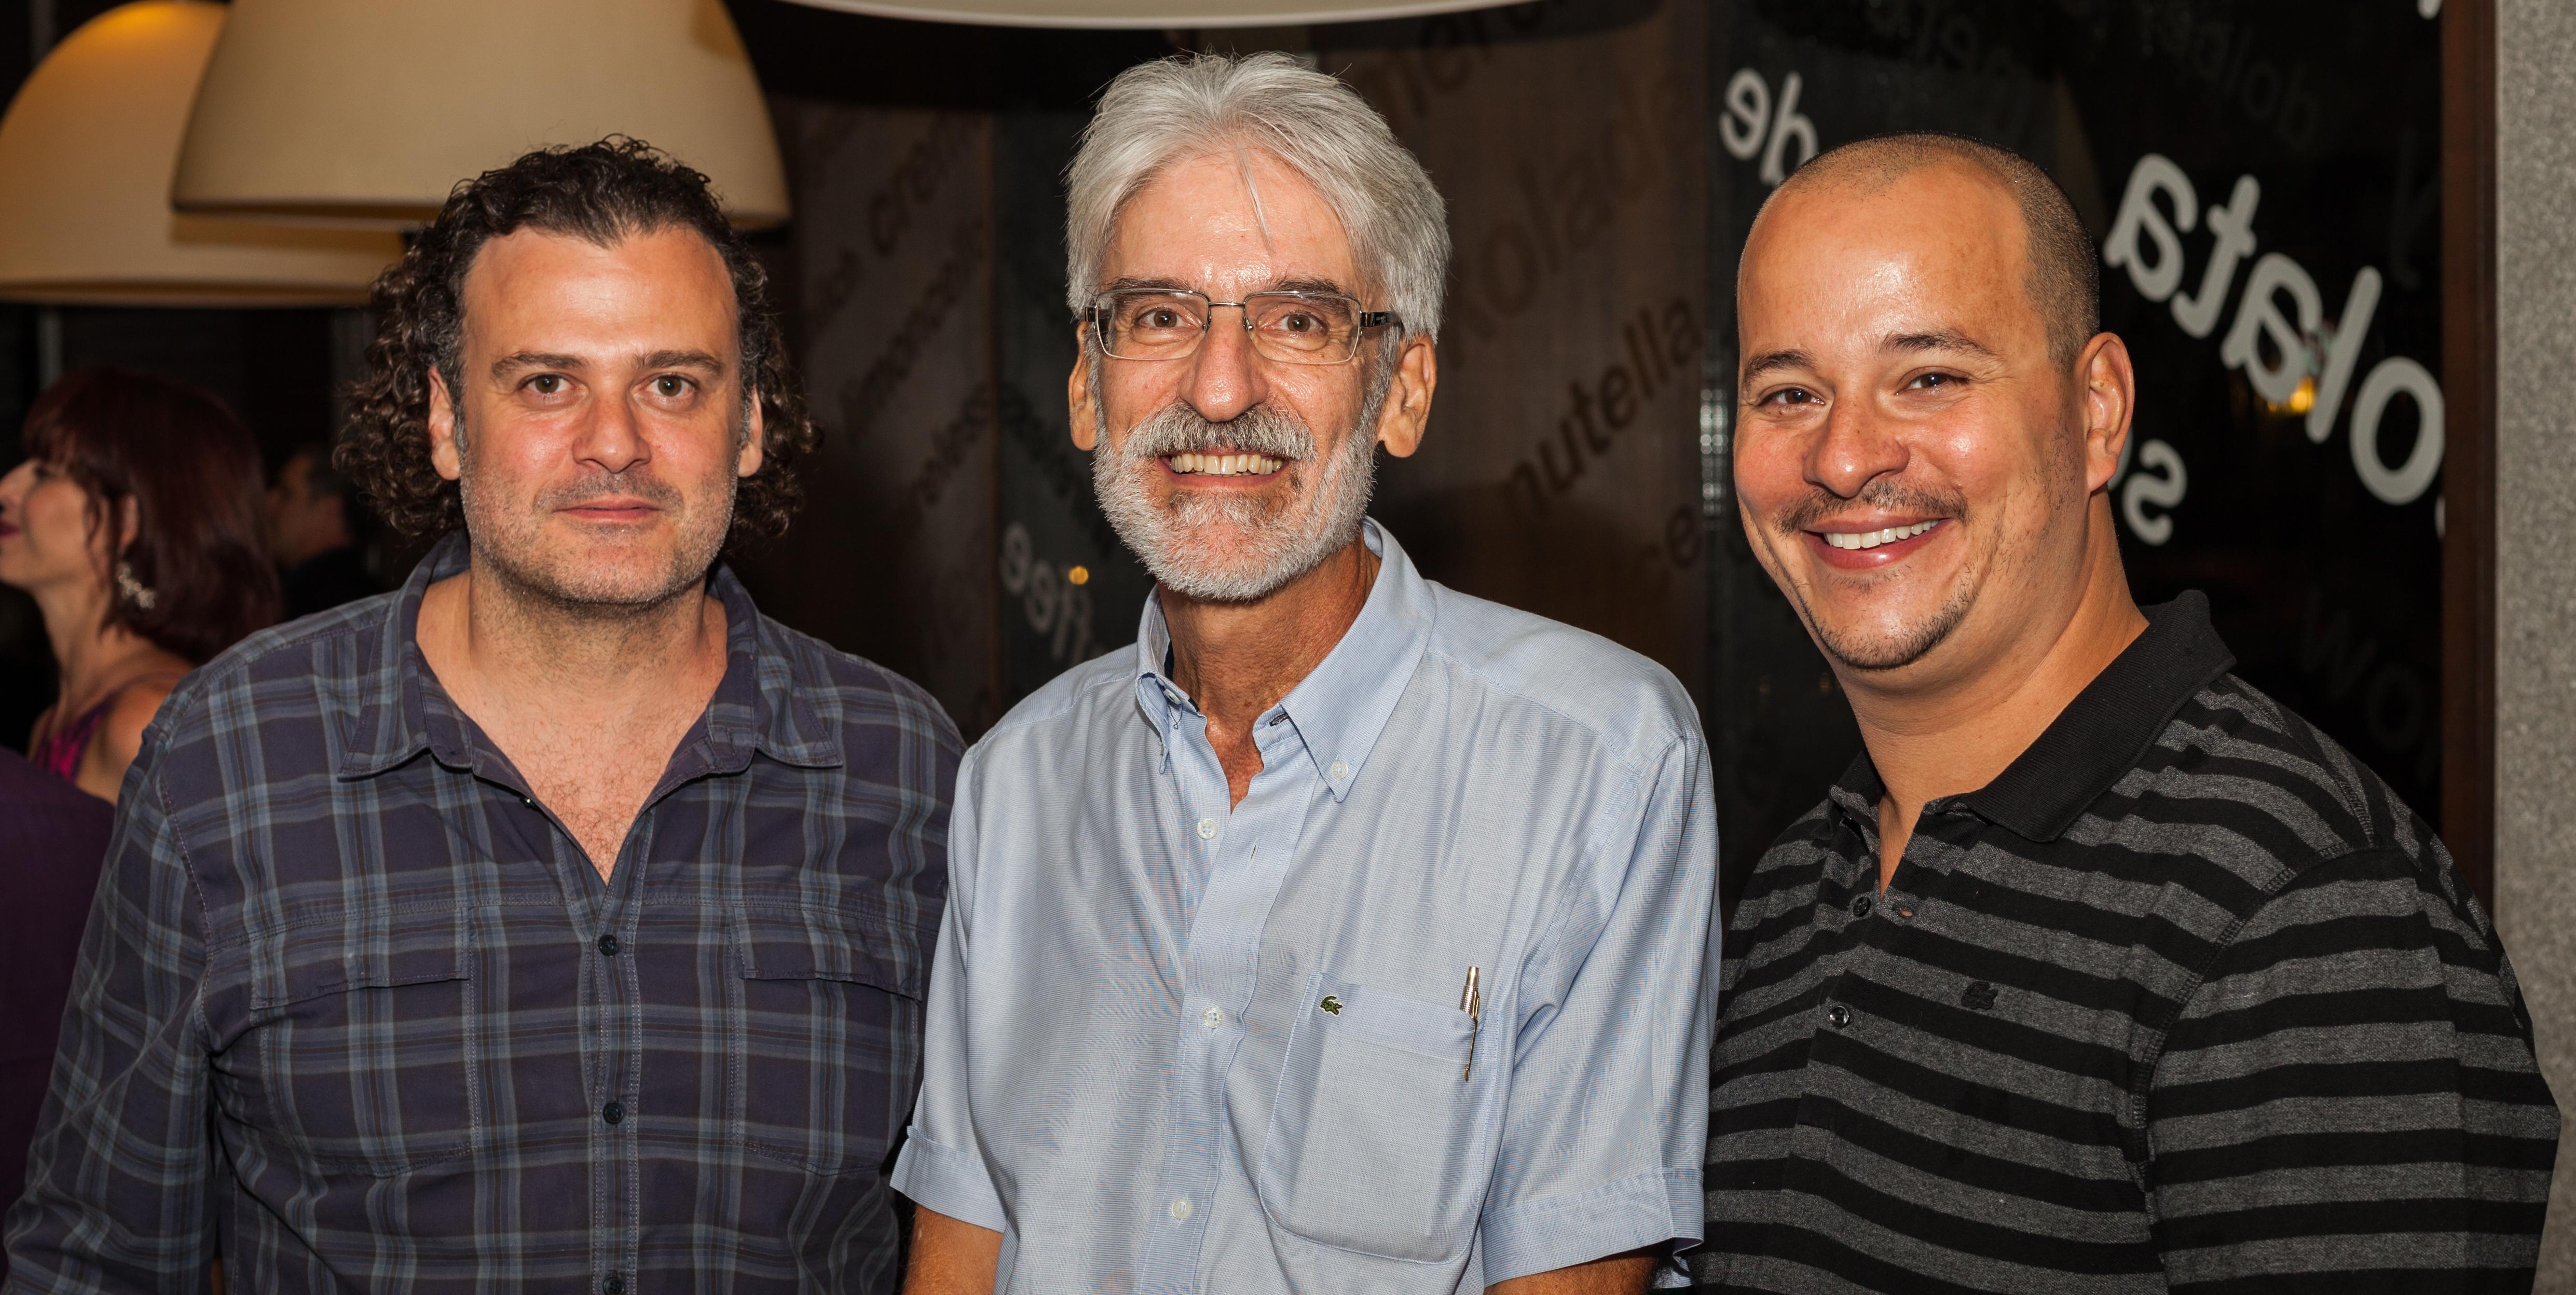 Paulo Vasconcellos, Rodrigo Fonseca e Caetano Sobrinho